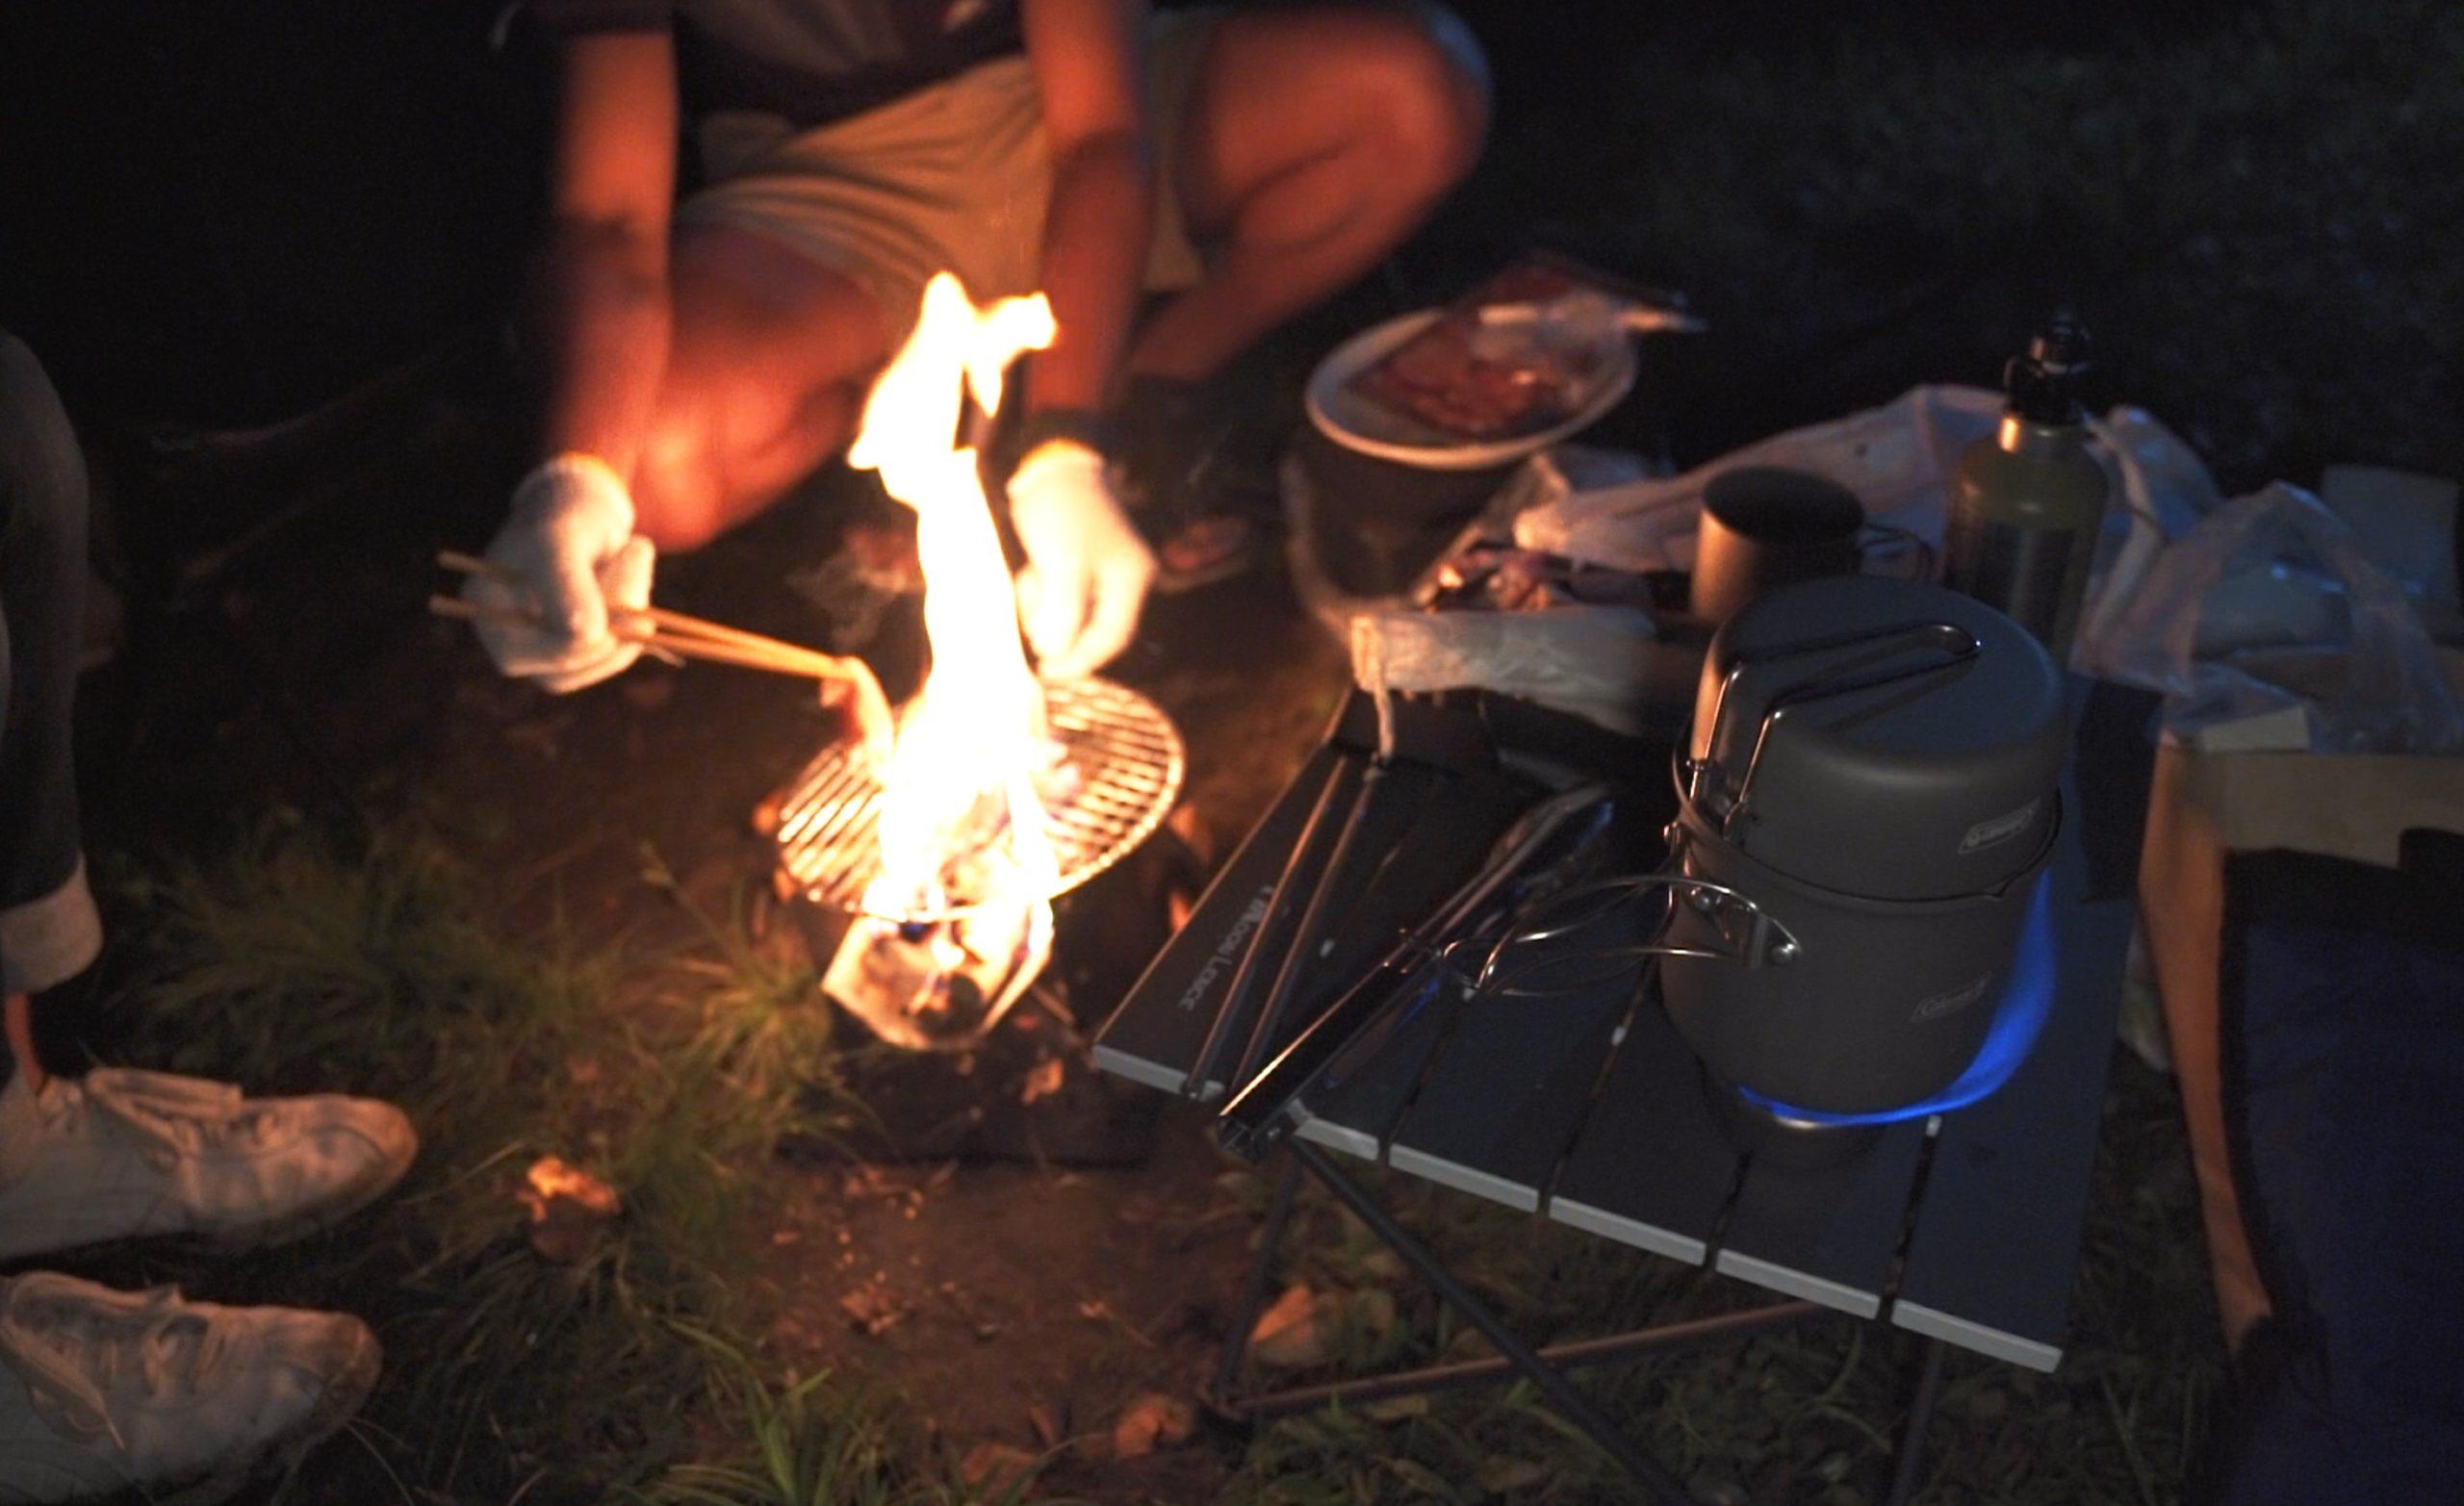 駒出池キャンプ場で念願の初キャンプ!|無事焚き火でご飯!